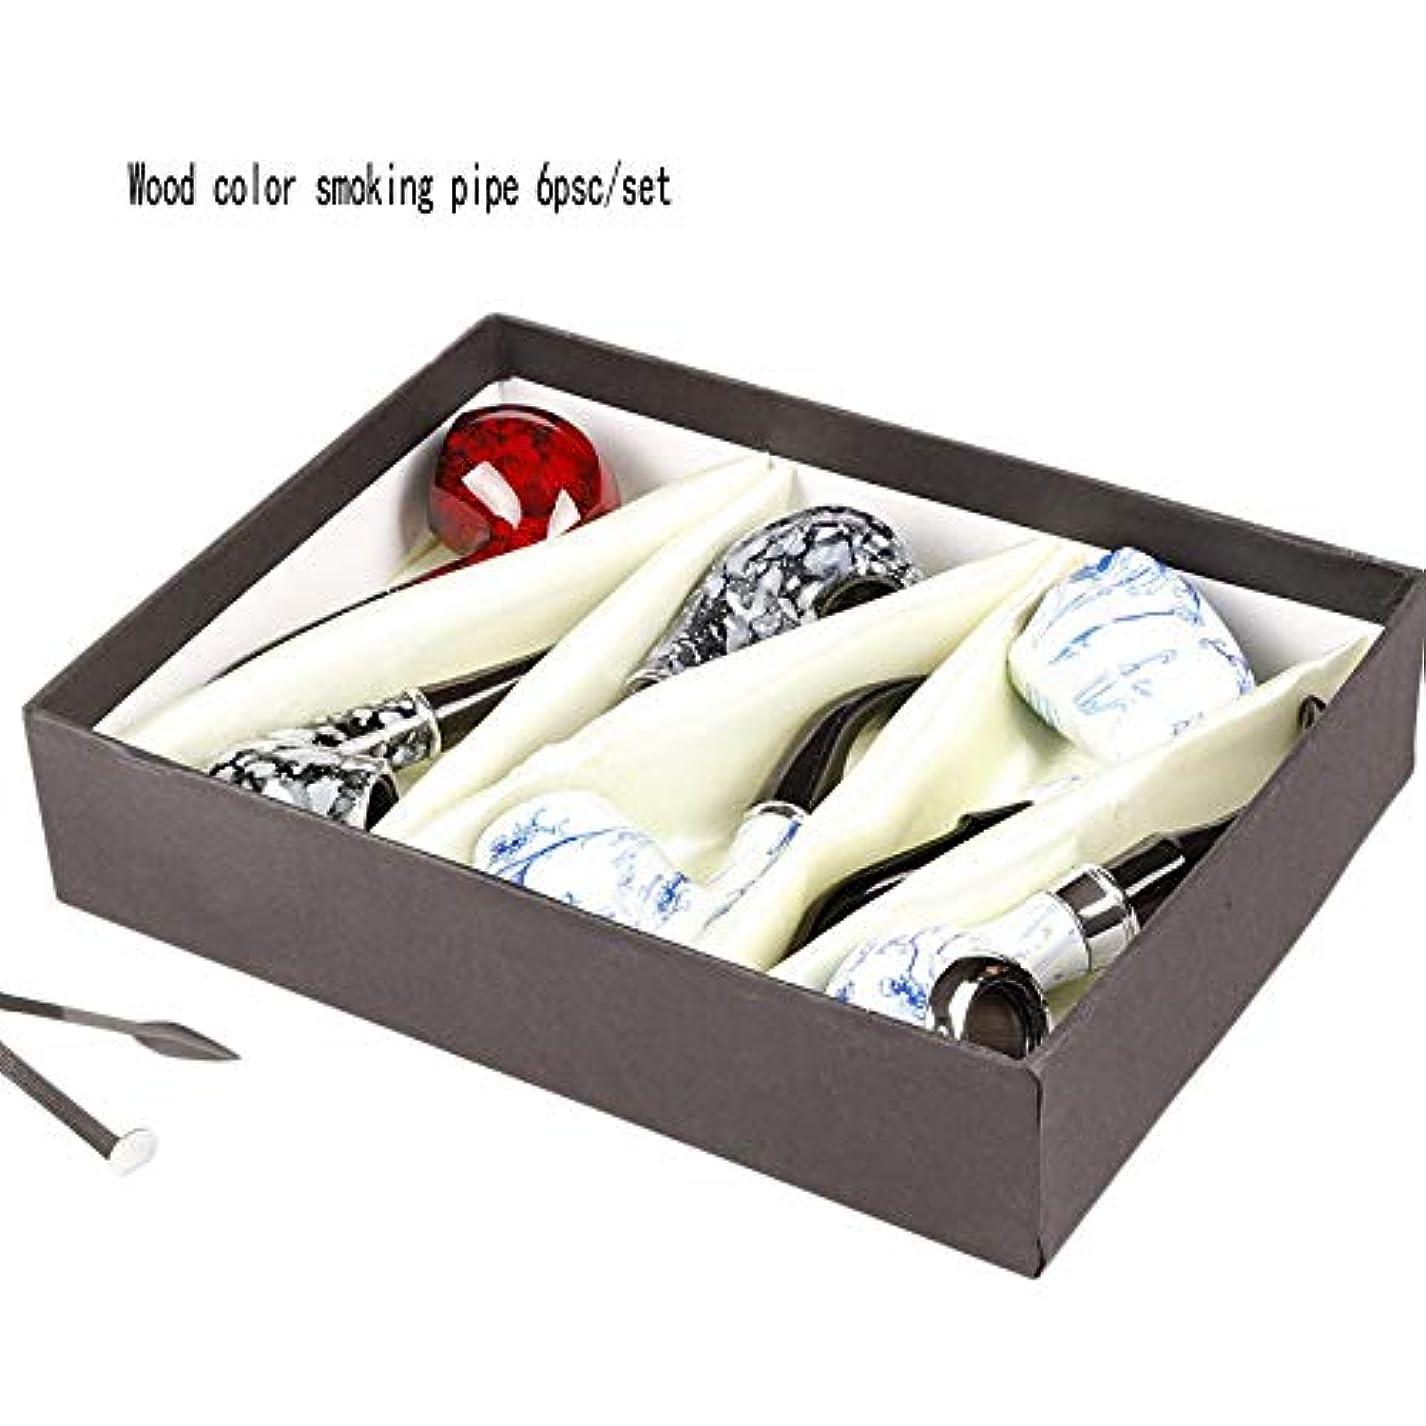 ナラーバー市場分配しますGLJJQMY パイプ手作り木製のサポート木管のギフトボックスセットボックス6 パイプ (色 : D)